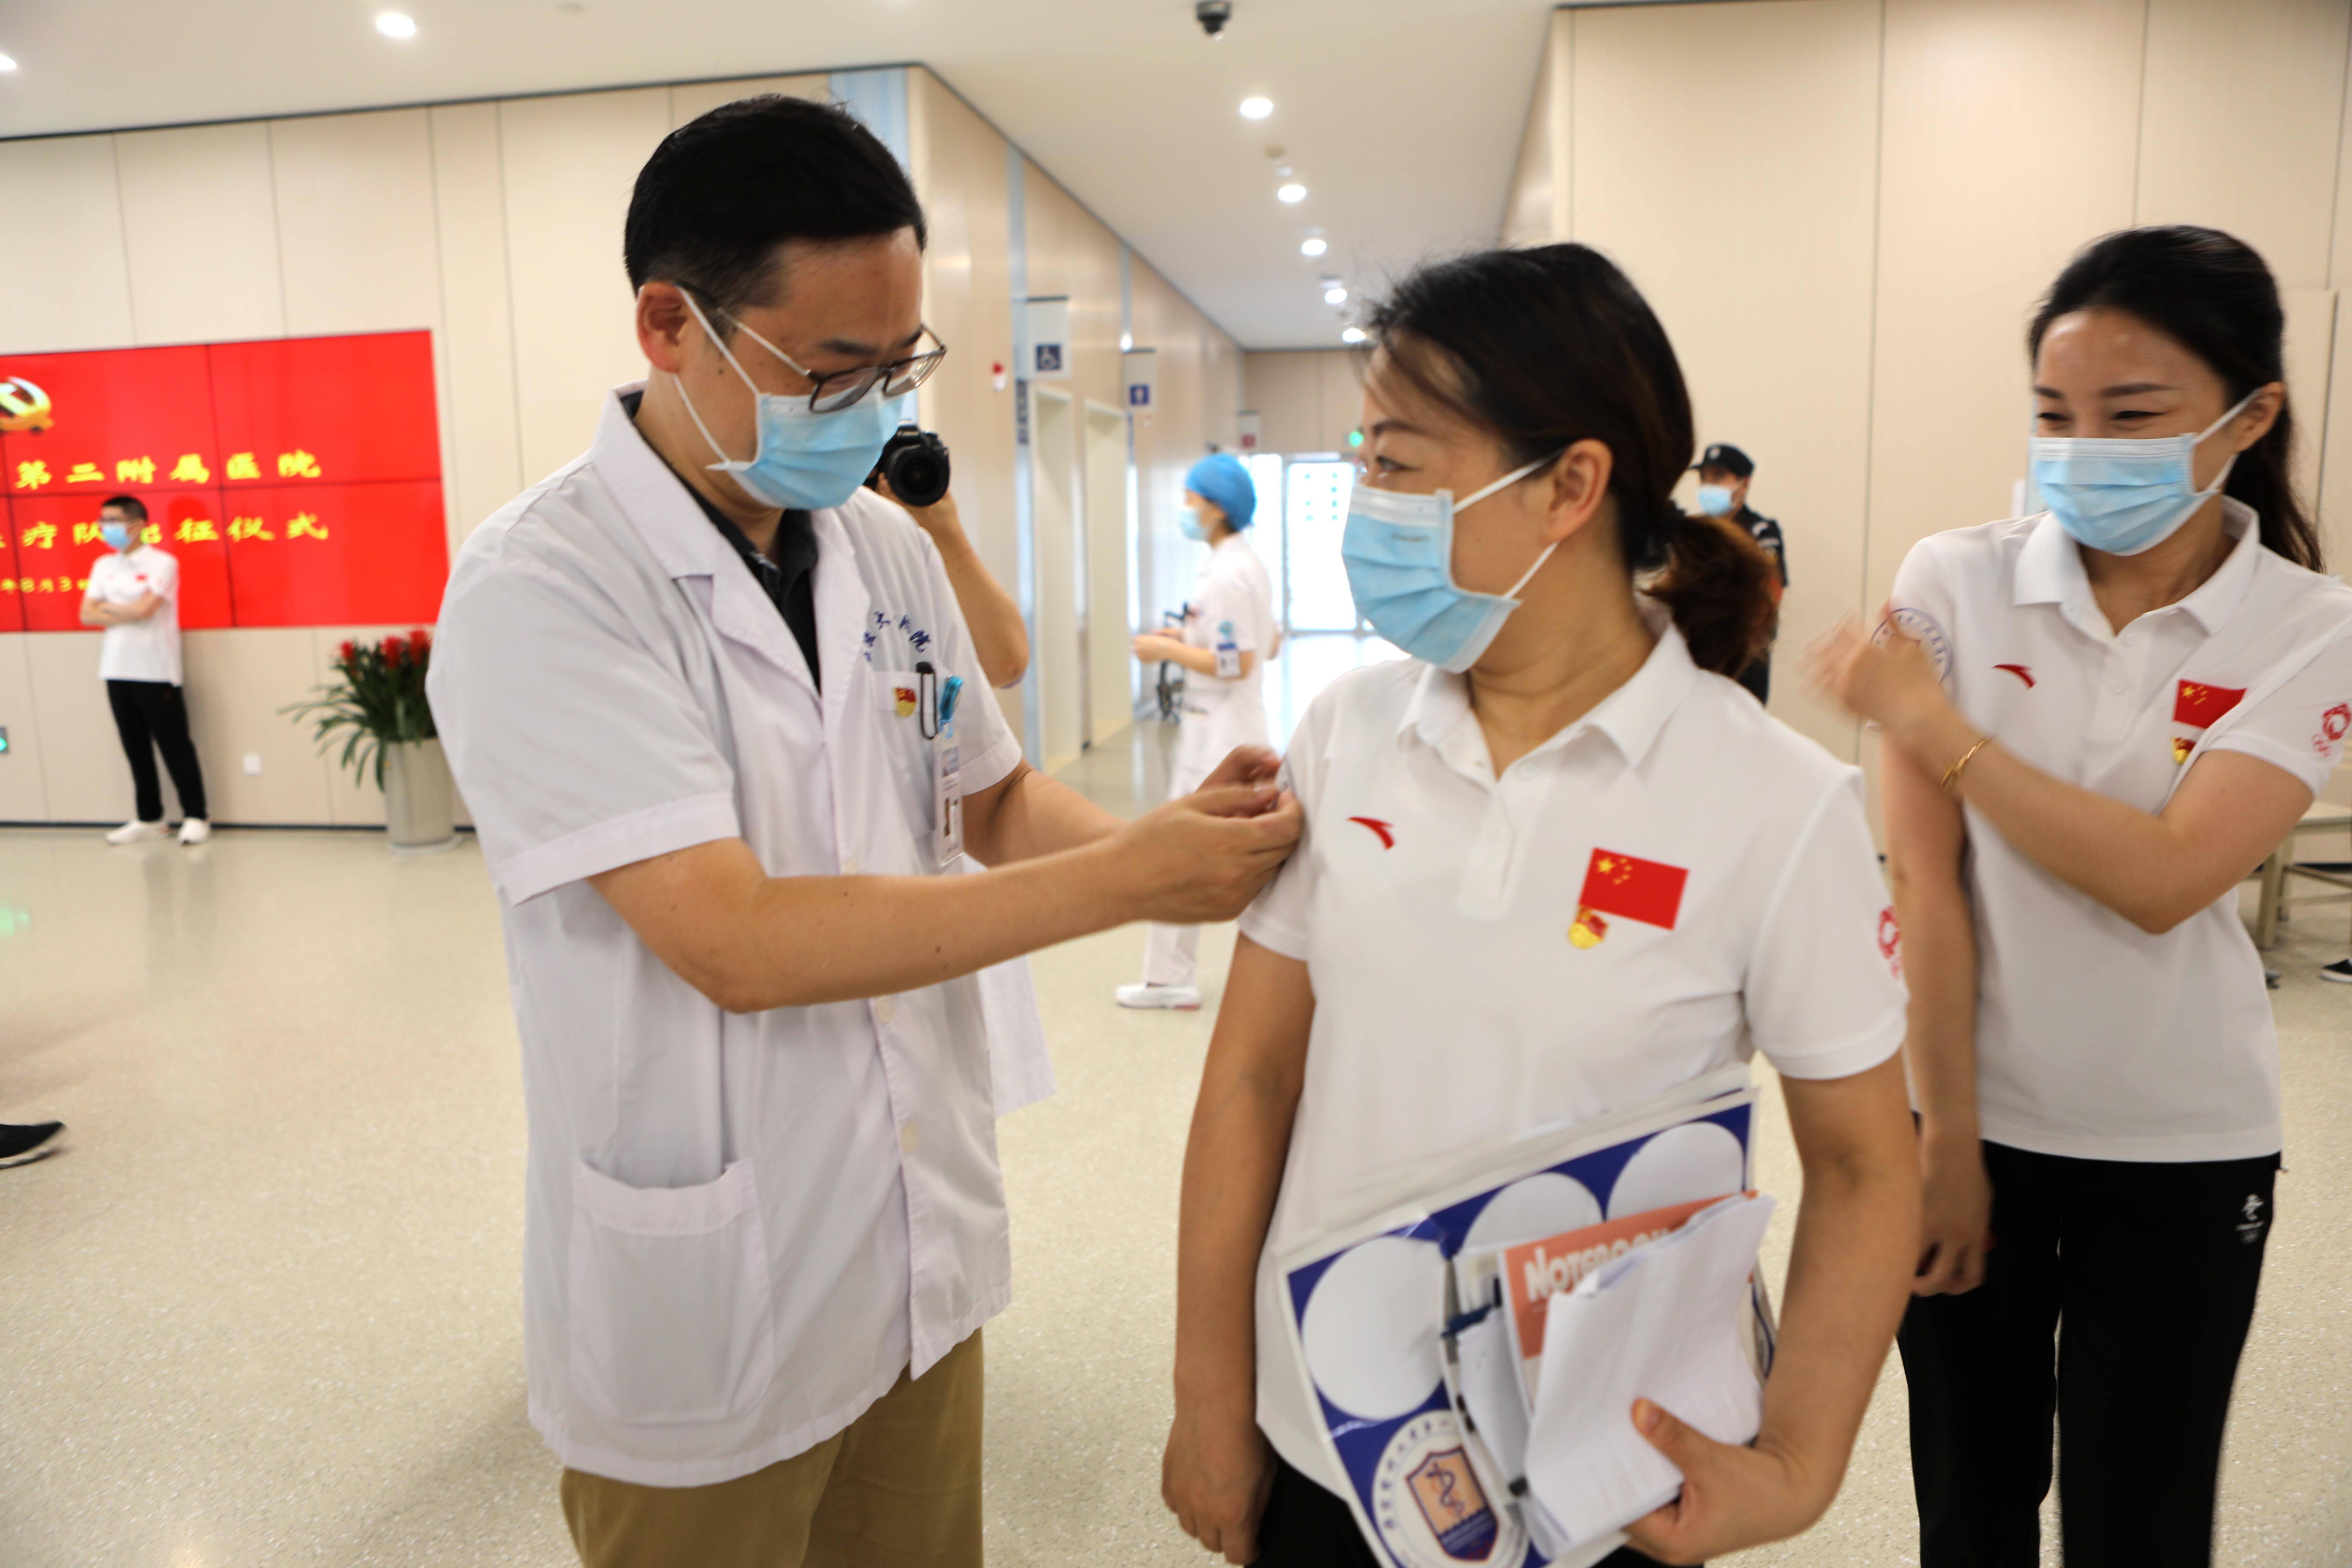 闻令而动!南京医科大学二附院 94 位医护奔赴南京公卫中心!9 位曾逆行湖北!